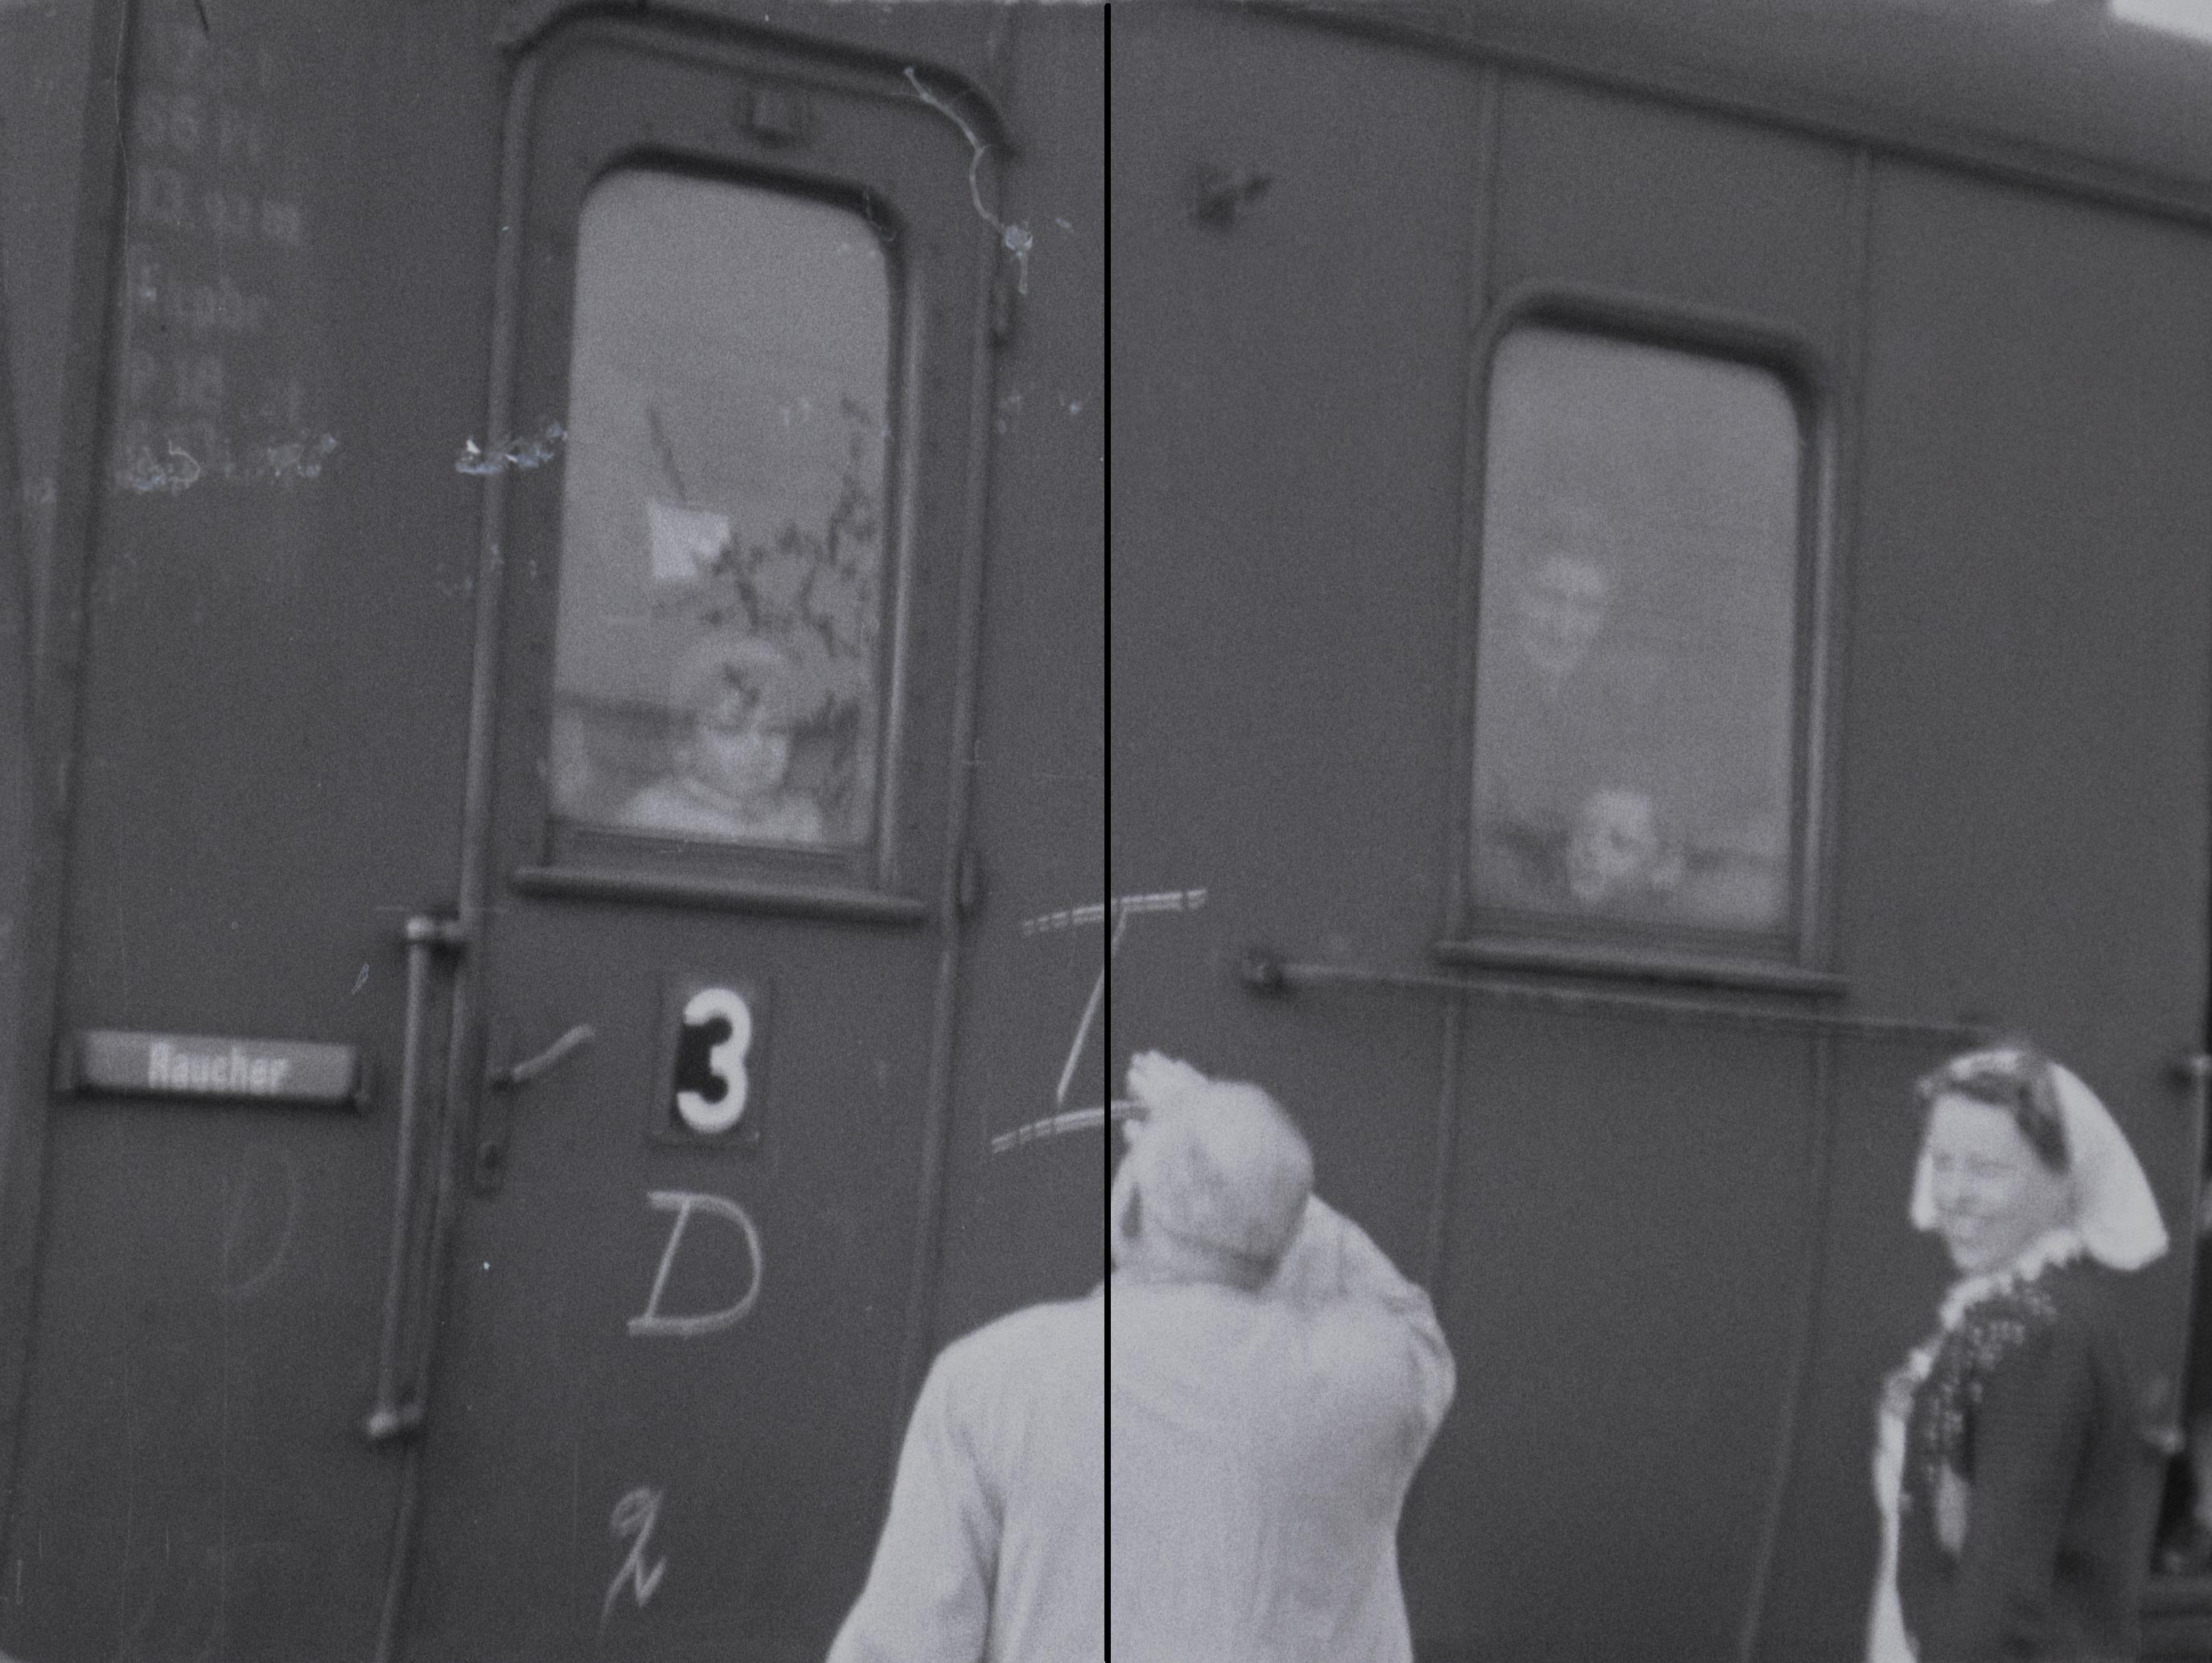 Gerestaureerd beeld splitscreen kwaliteit Westerborkfilm.jpg